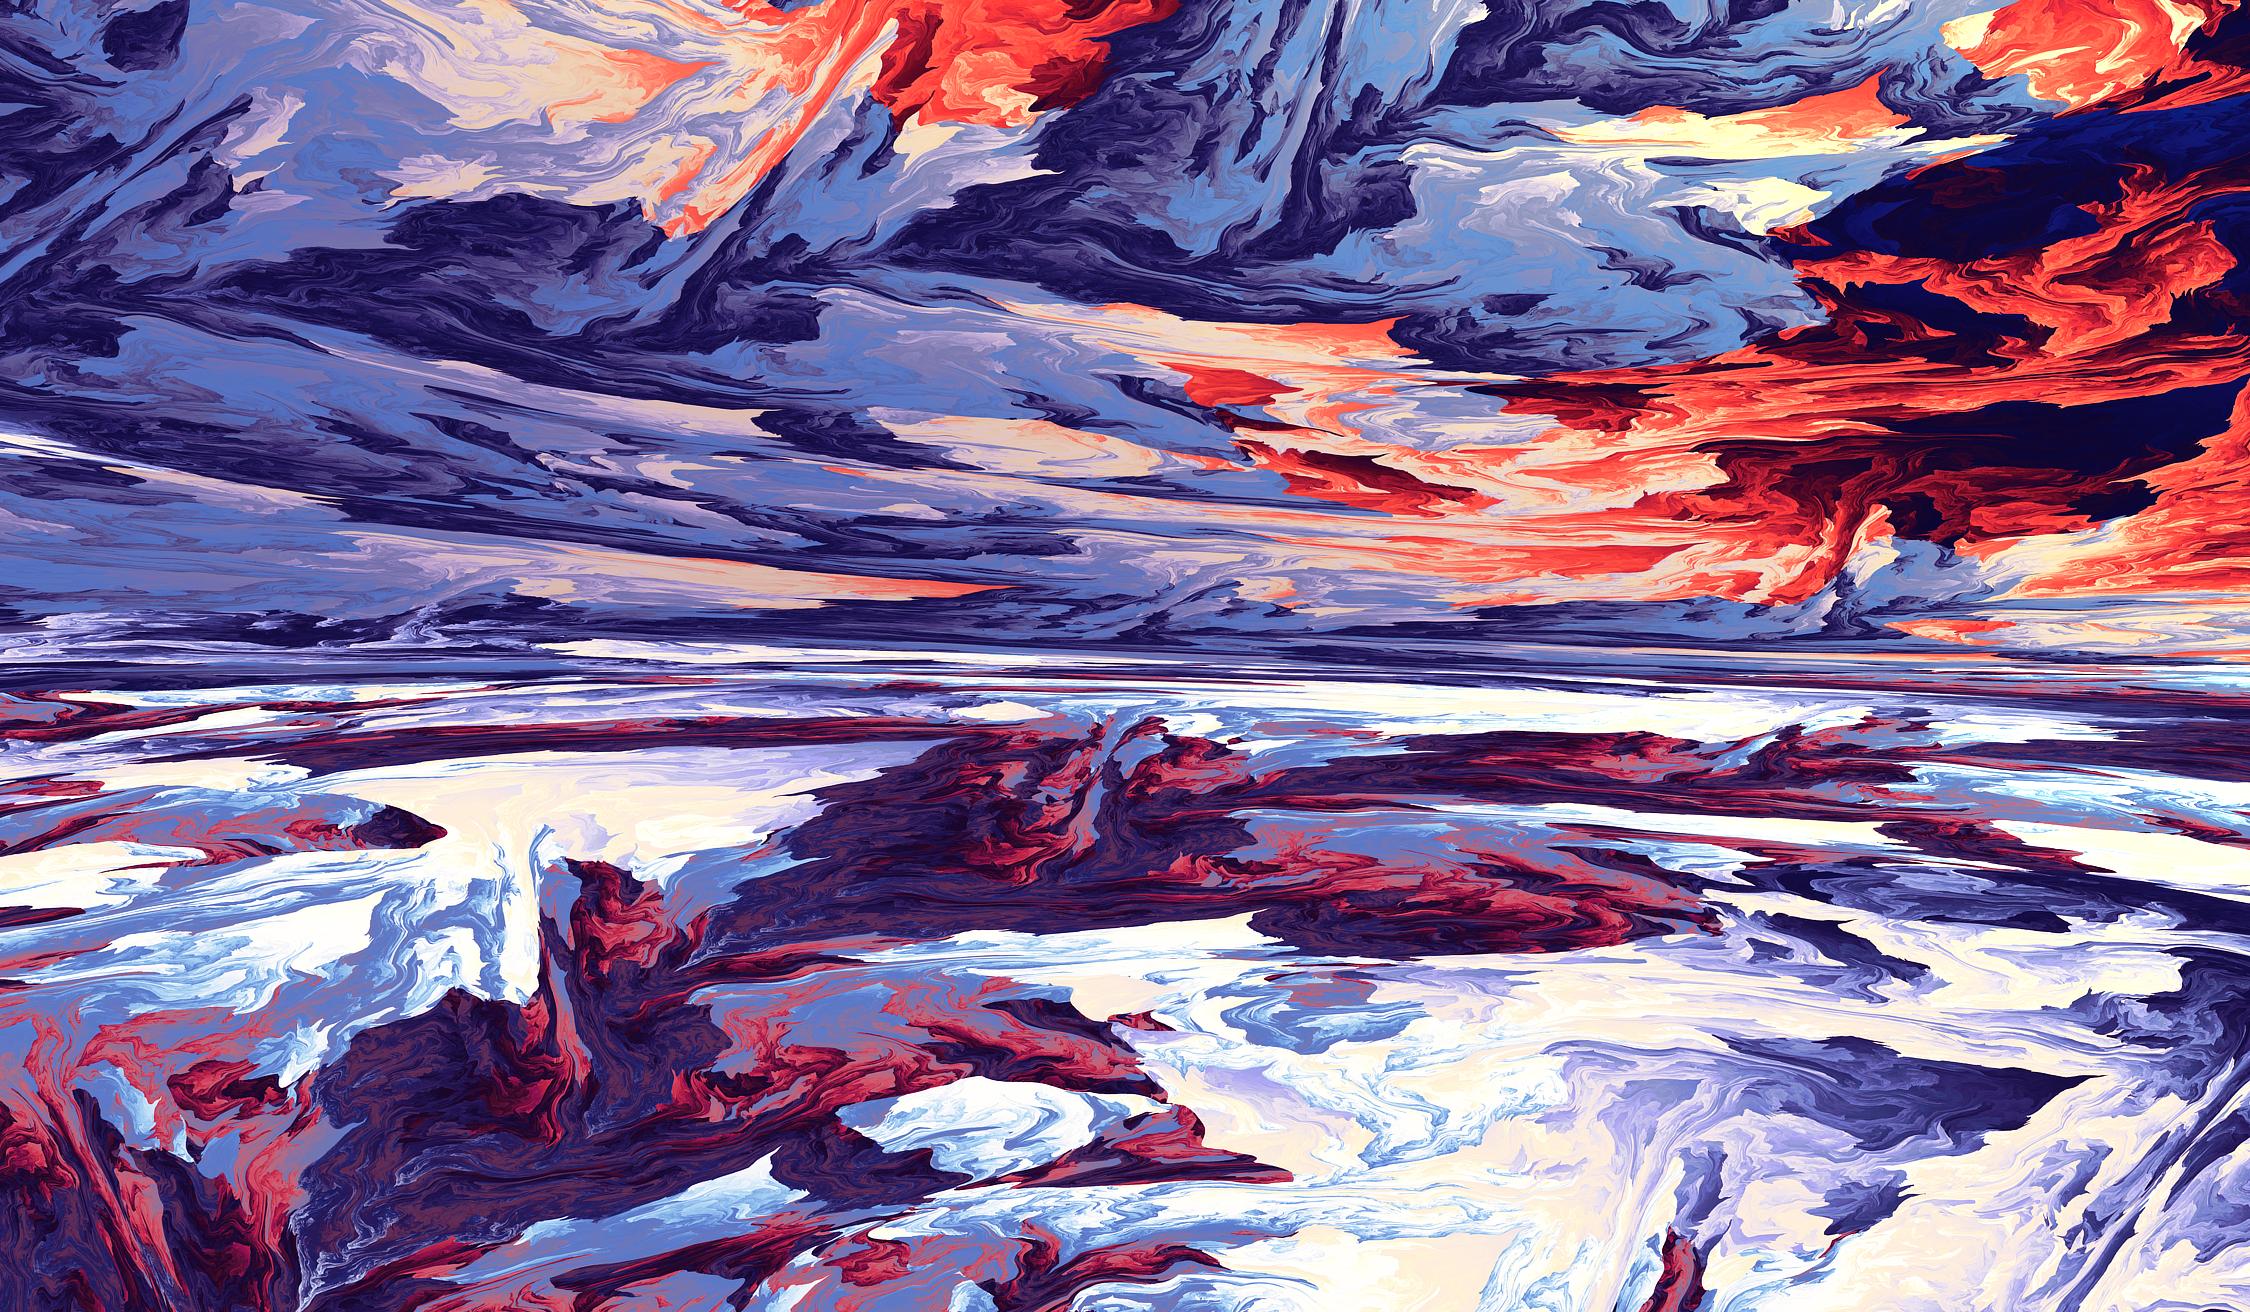 Frozen Time by LukasFractalizator